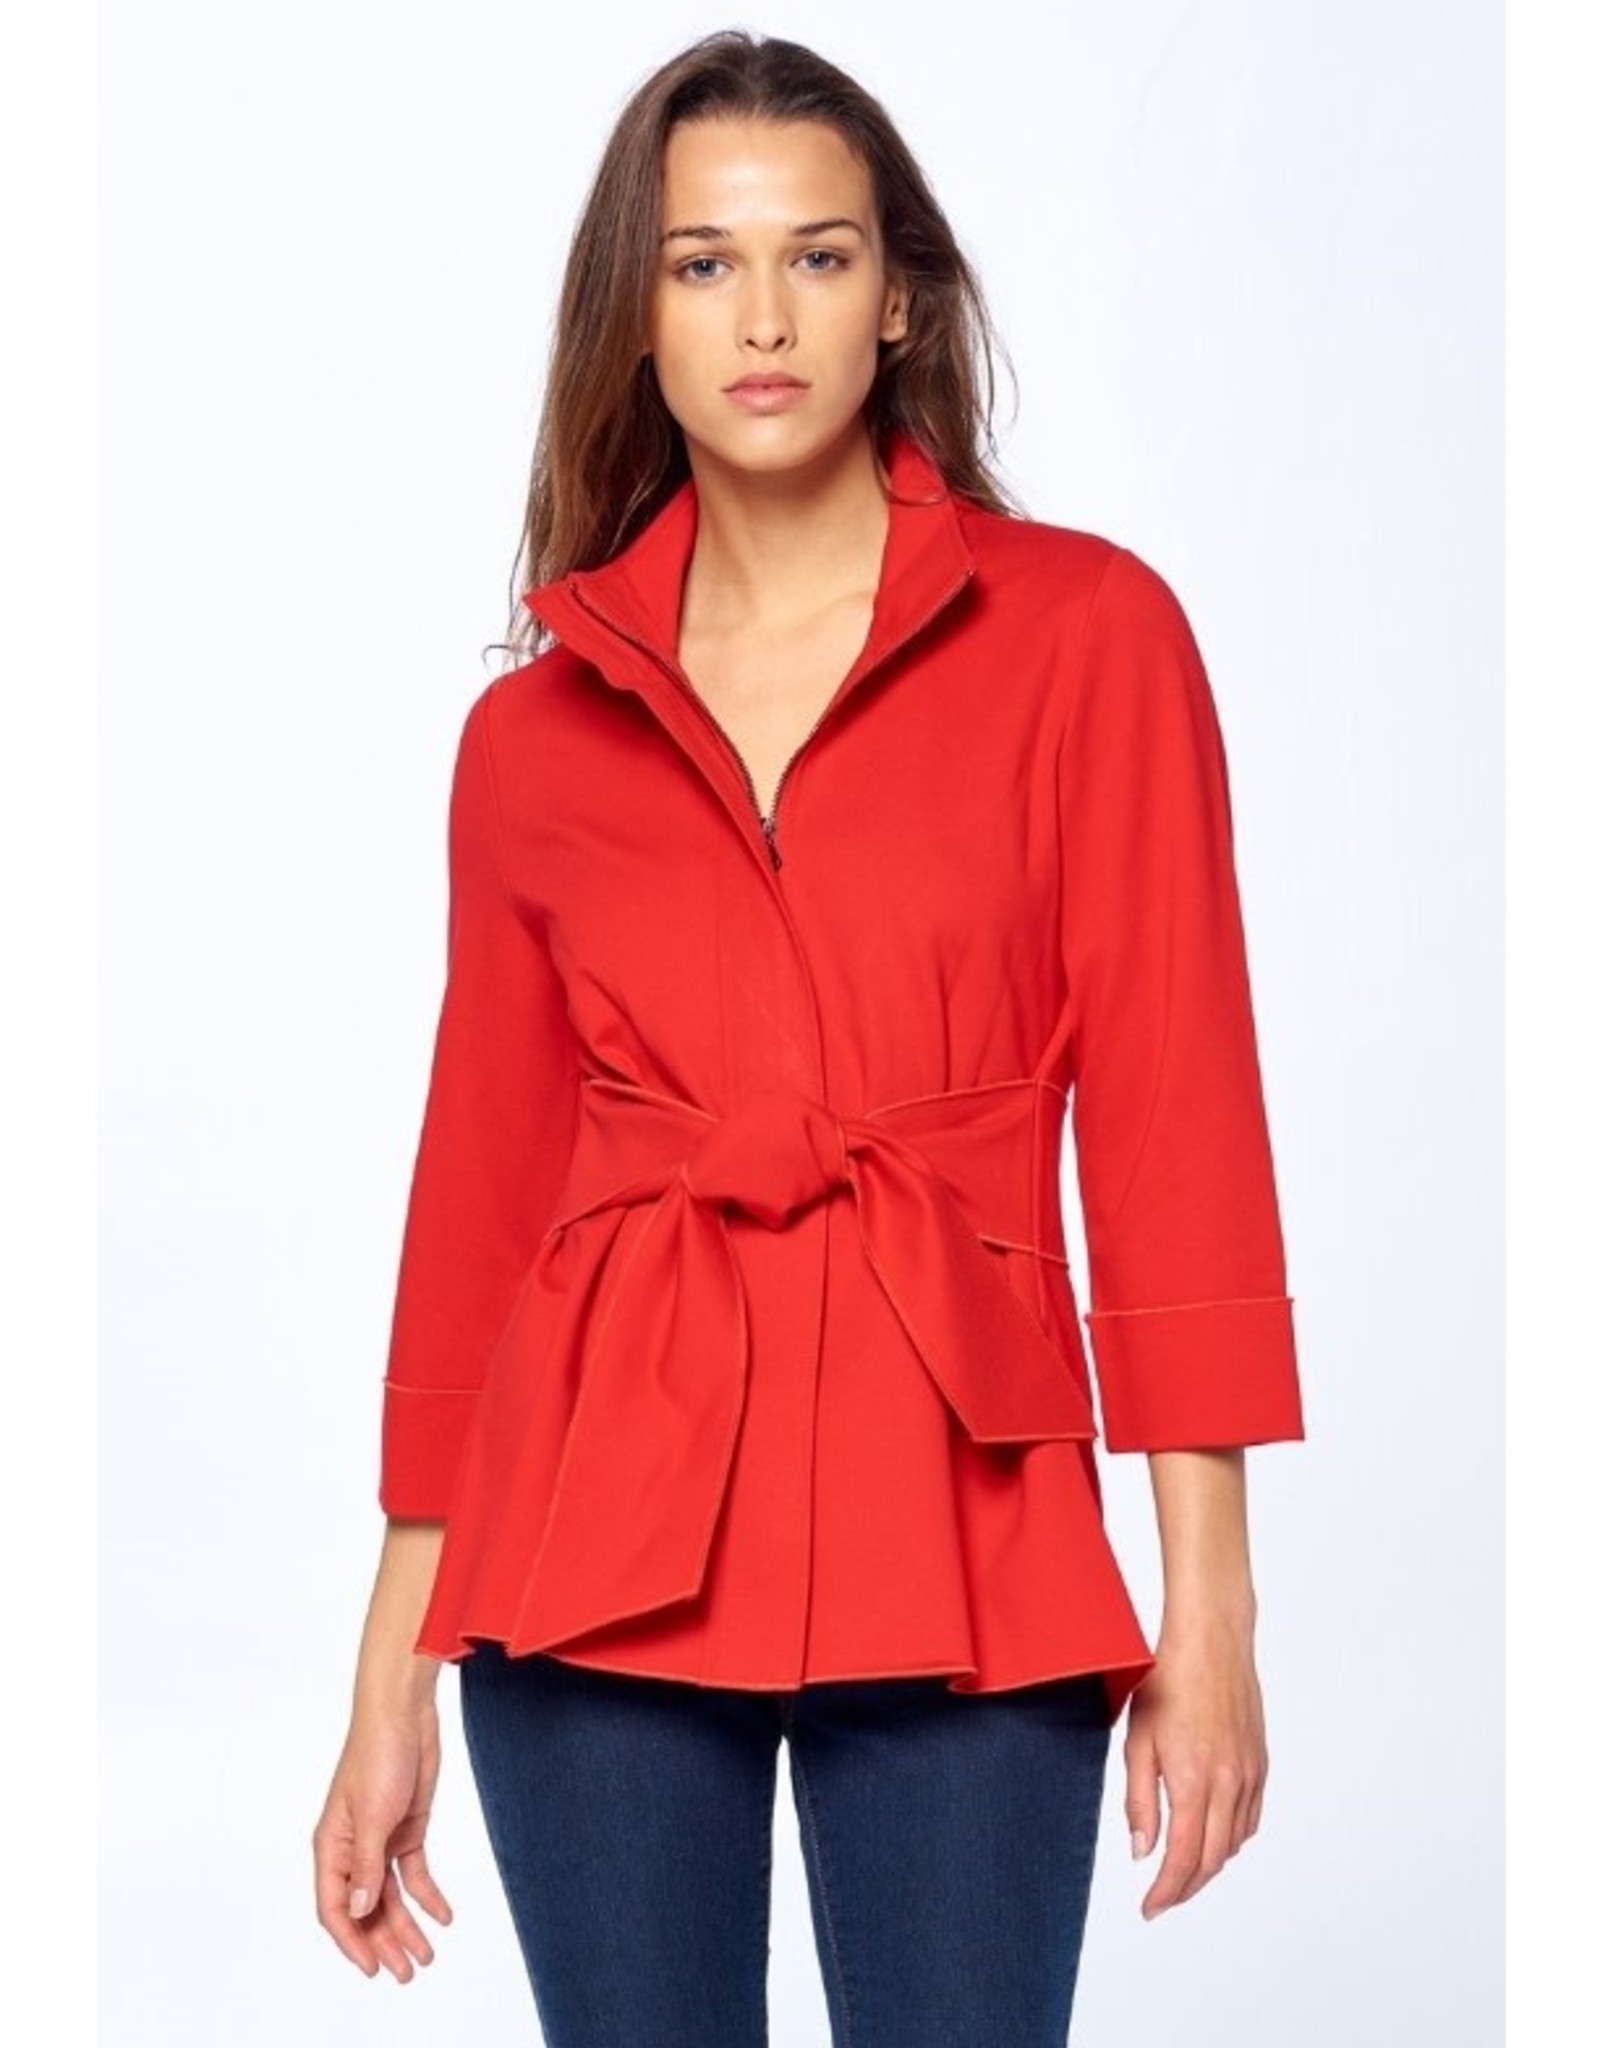 Luii Zipper Tie-Front Jacket Red